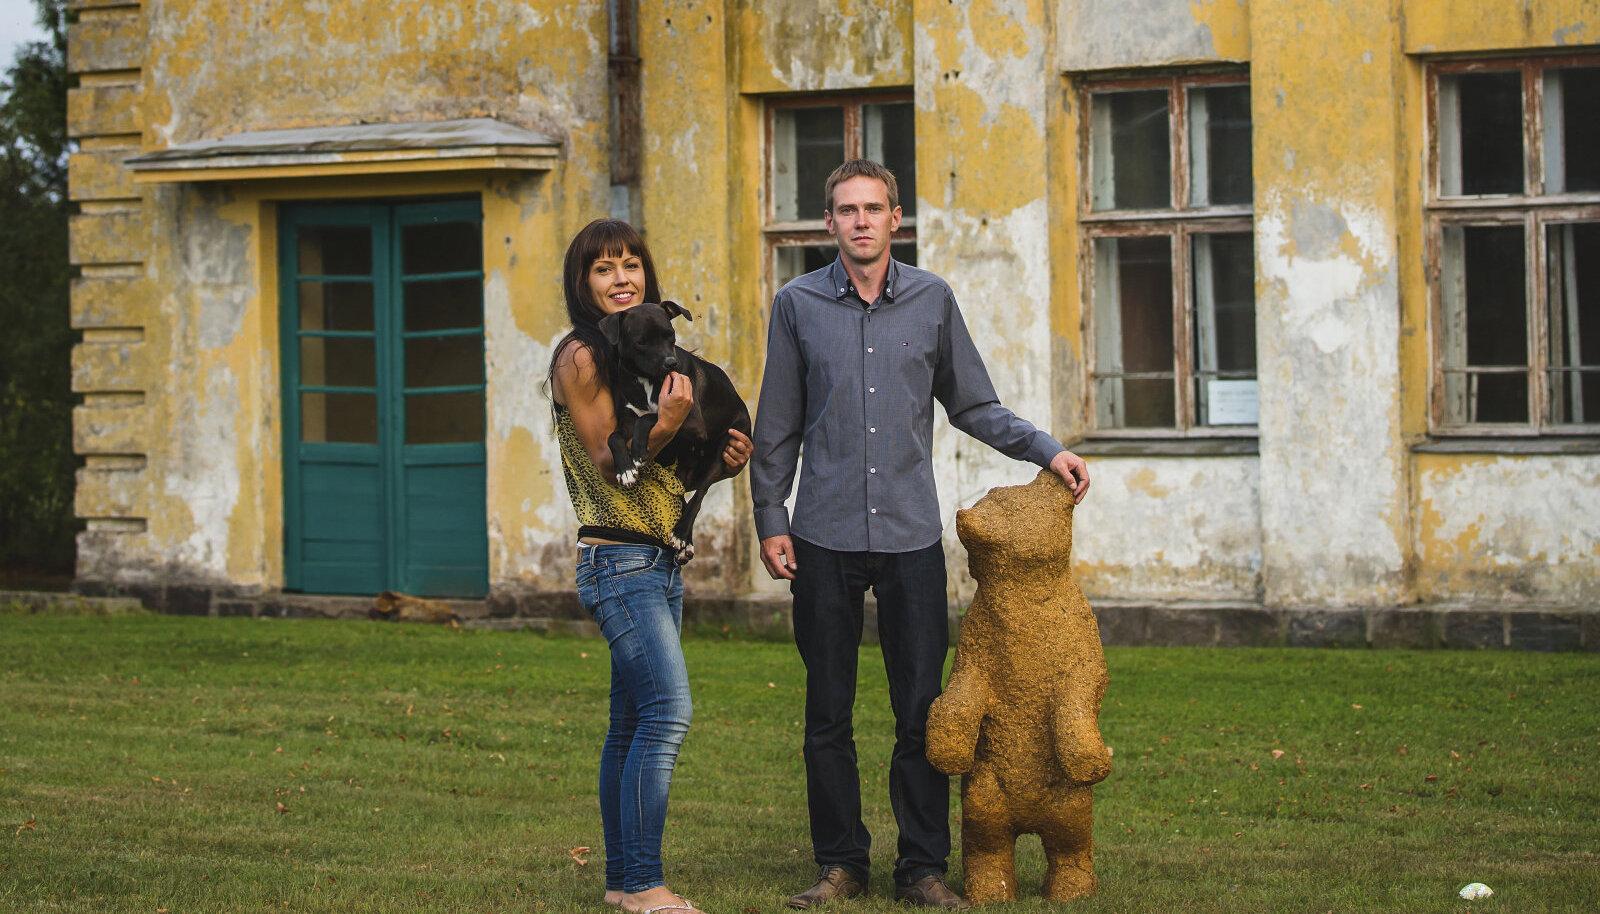 """Kas tunnete karu ära? See on üks kolmest mõmmikust, kes on René abil plehku pannud IvanŠiškini maalilt """"Hommik männimetsas"""". Maigi süles olev pitbull Dora jõudis Rootsi jaama tänu MTÜle HelpDog."""